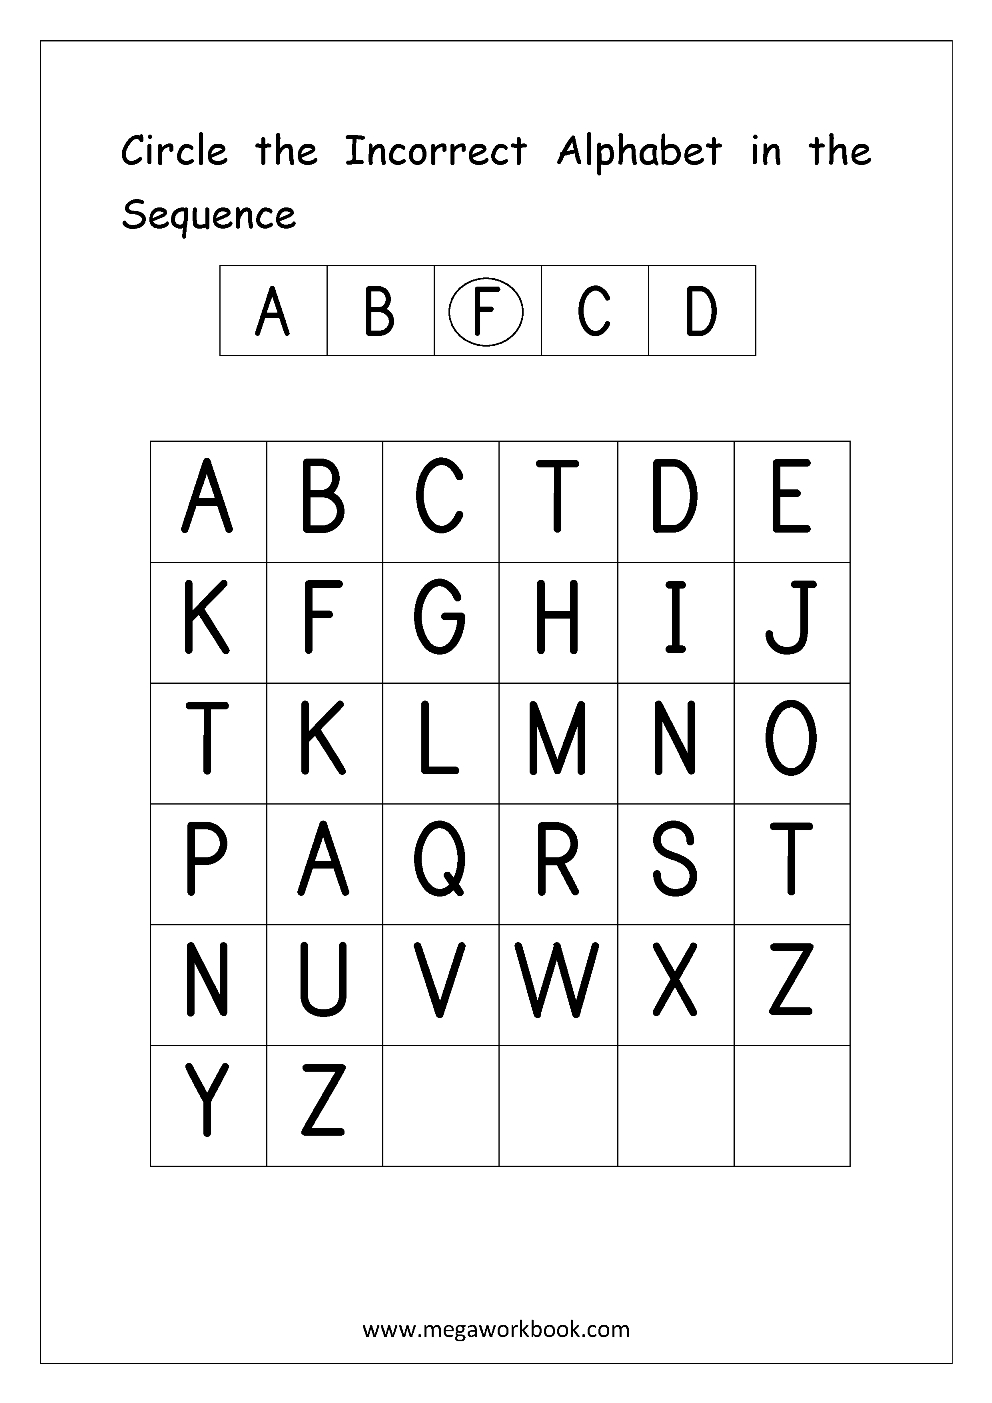 English Worksheets - Alphabetical Sequence | Alphabet inside Letter Order Worksheets